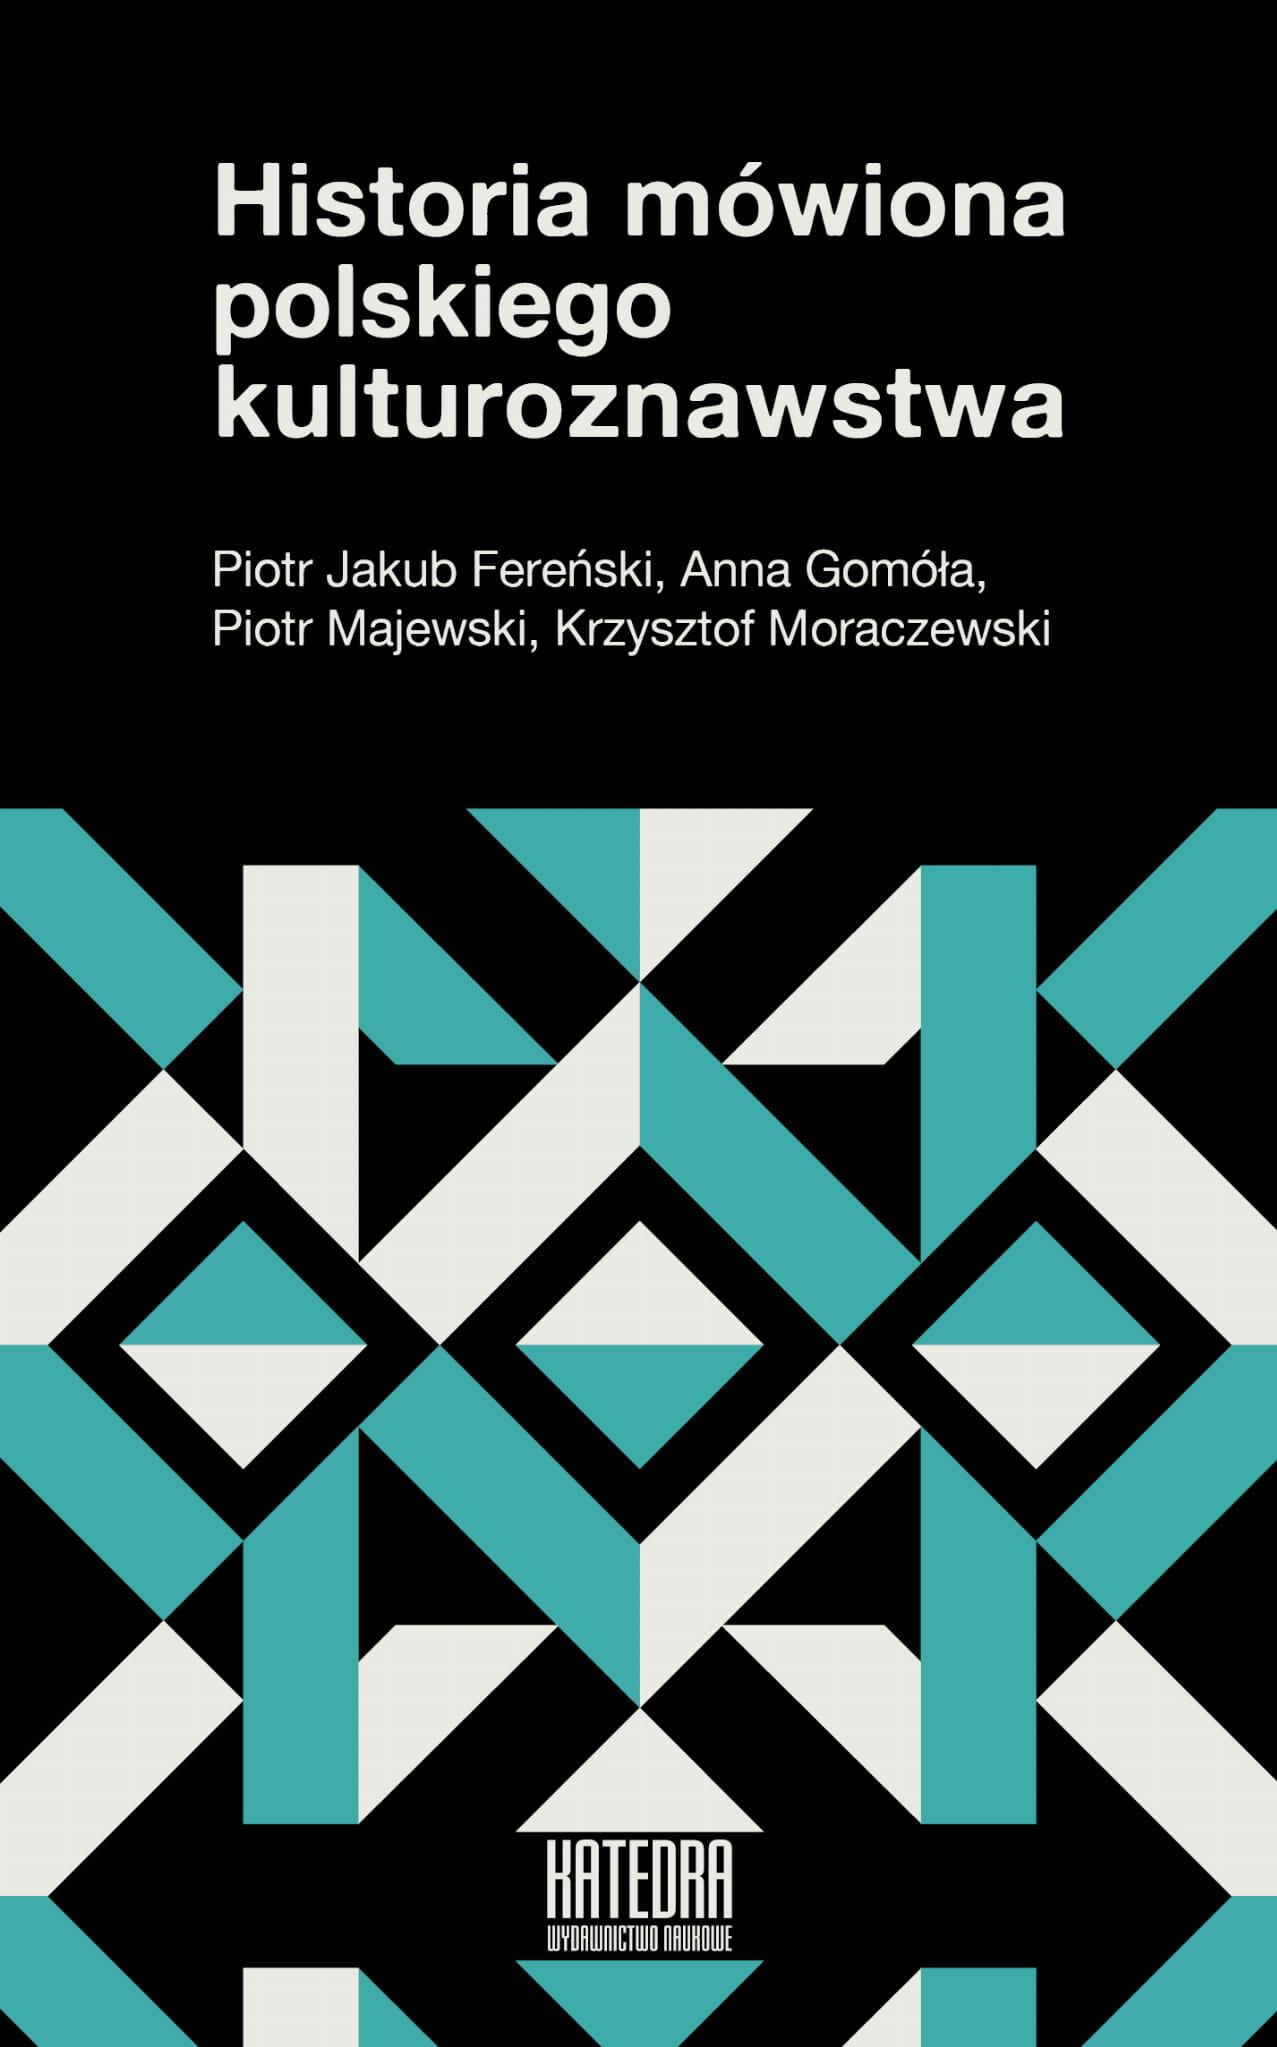 Historia mówiona polskiego kulturoznawstwa - Kulturoznawstwo UAM